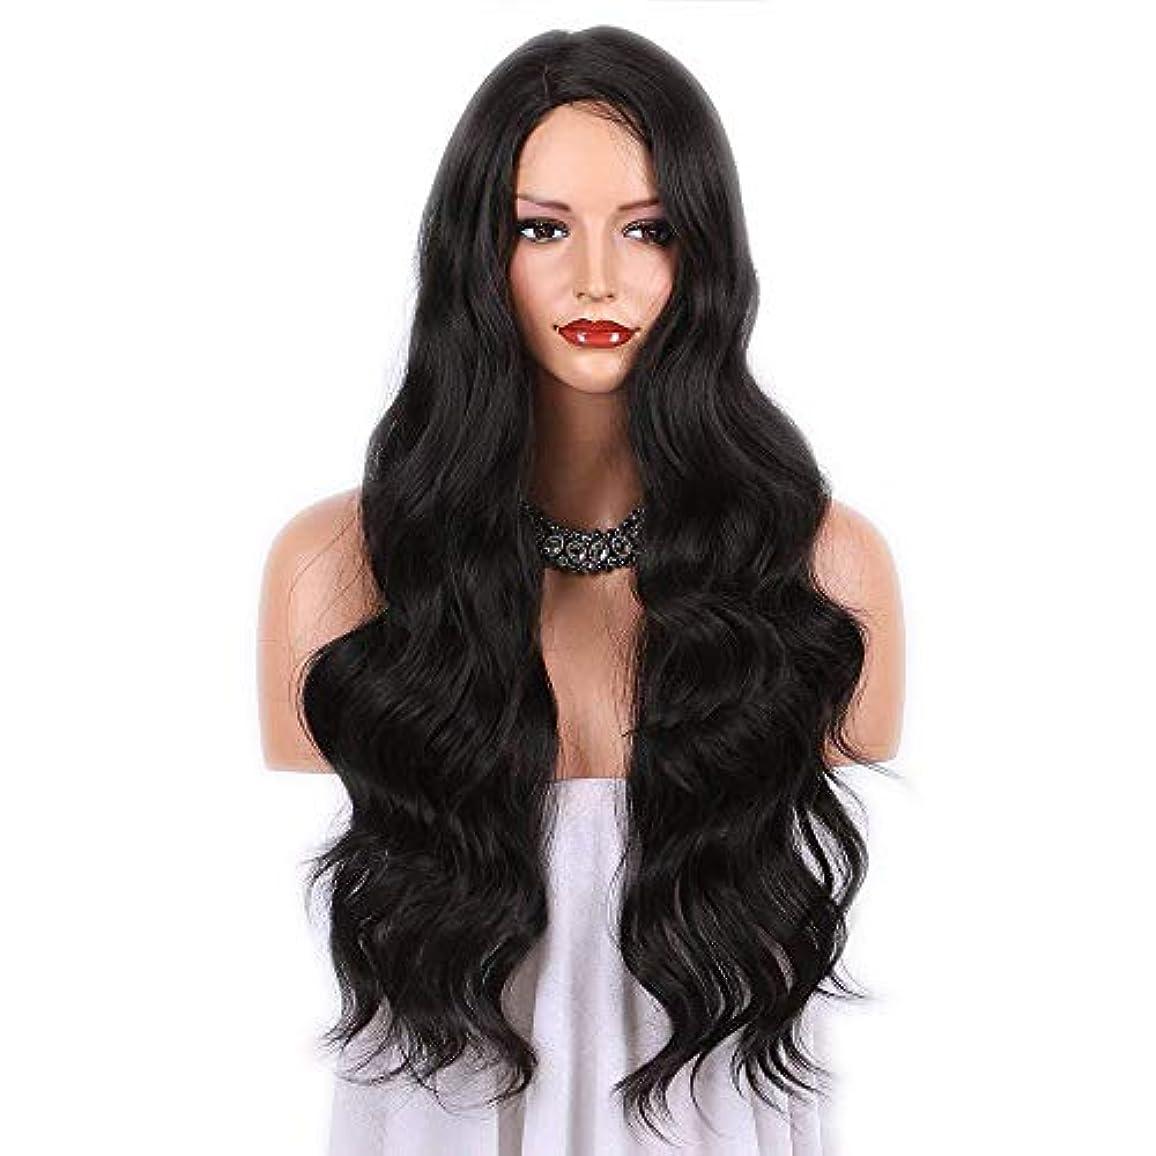 バイオリニストフェミニングラフィックWASAIO 女性用ブラウンブラックロング巻き毛ヨーロッパとアメリカのファッションウィッグスタイル交換用ビッグアクセサリーウェーブミドルパーツ (色 : 黒)